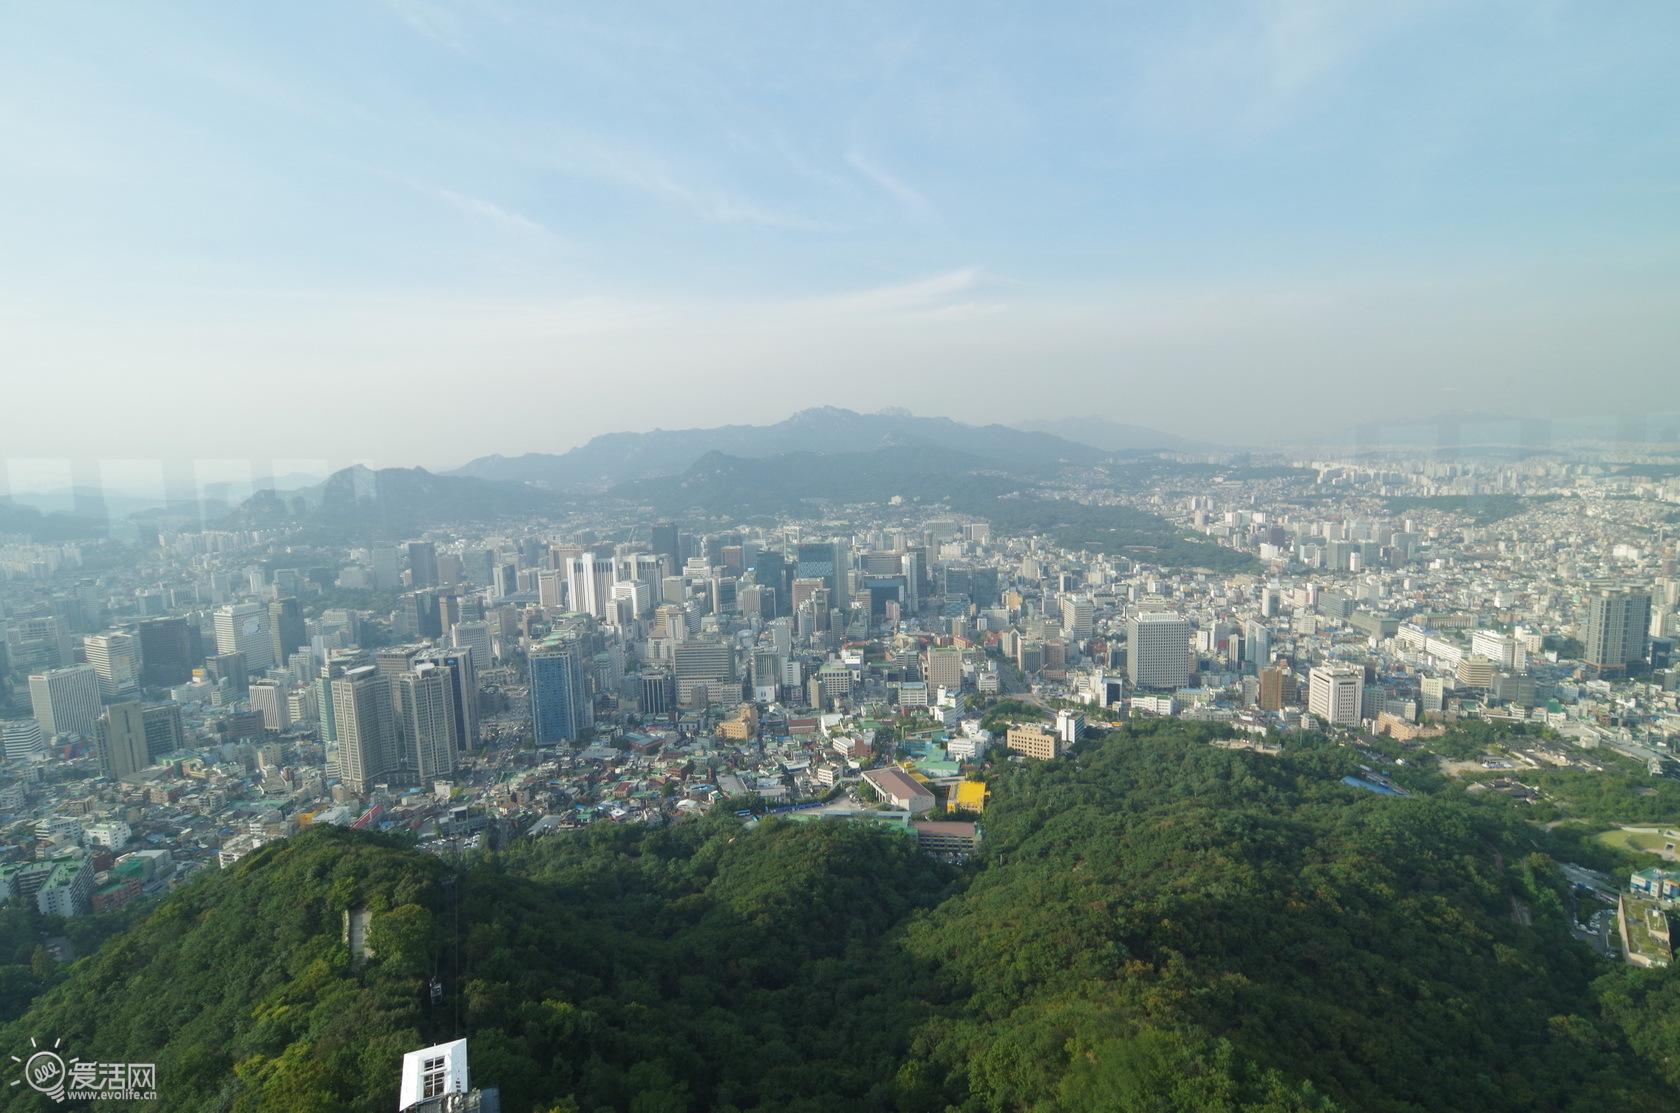 在n首尔塔上能俯瞰整个首尔的全貌